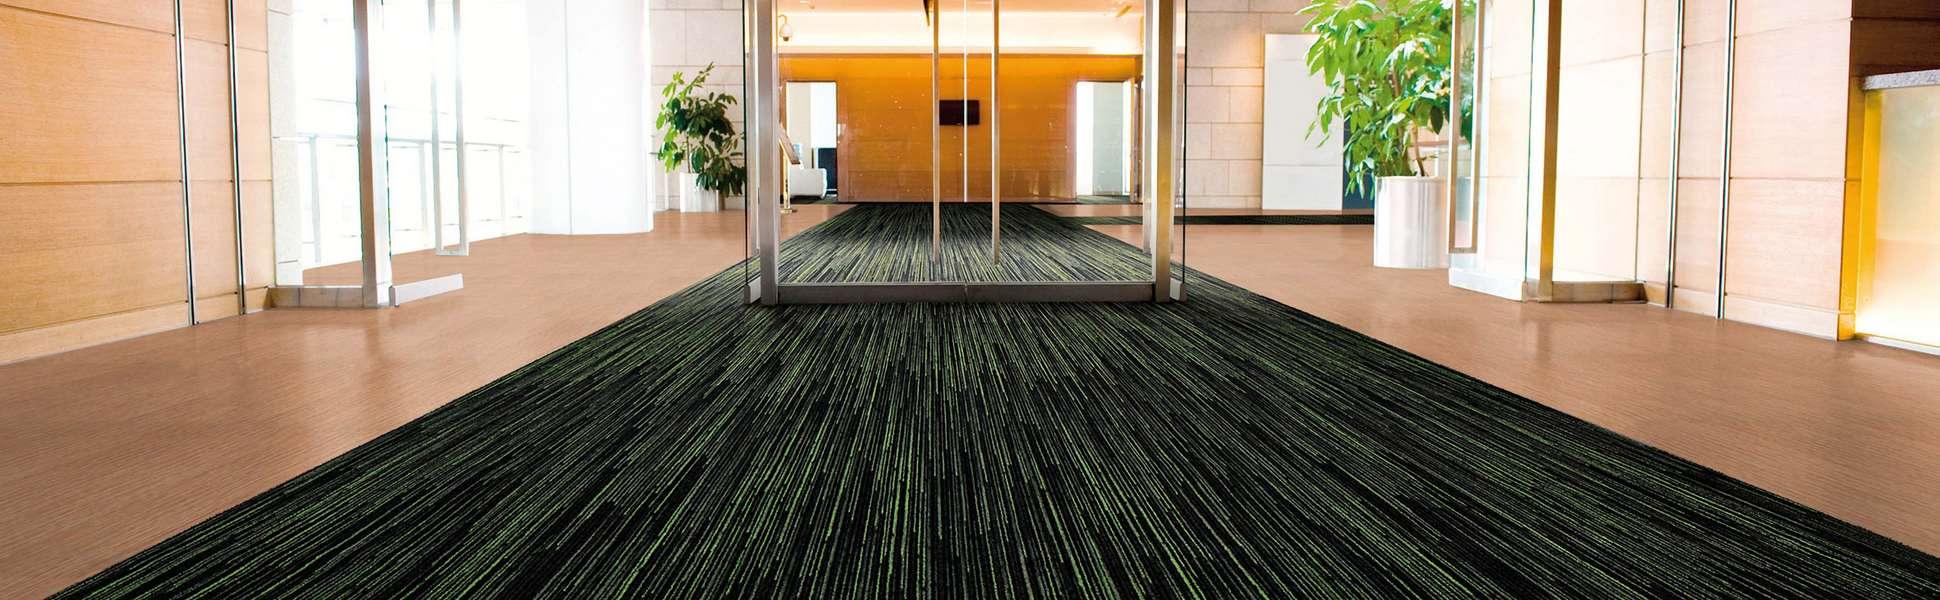 Sol textile - Tapis d'entrée - Hall d'entrée